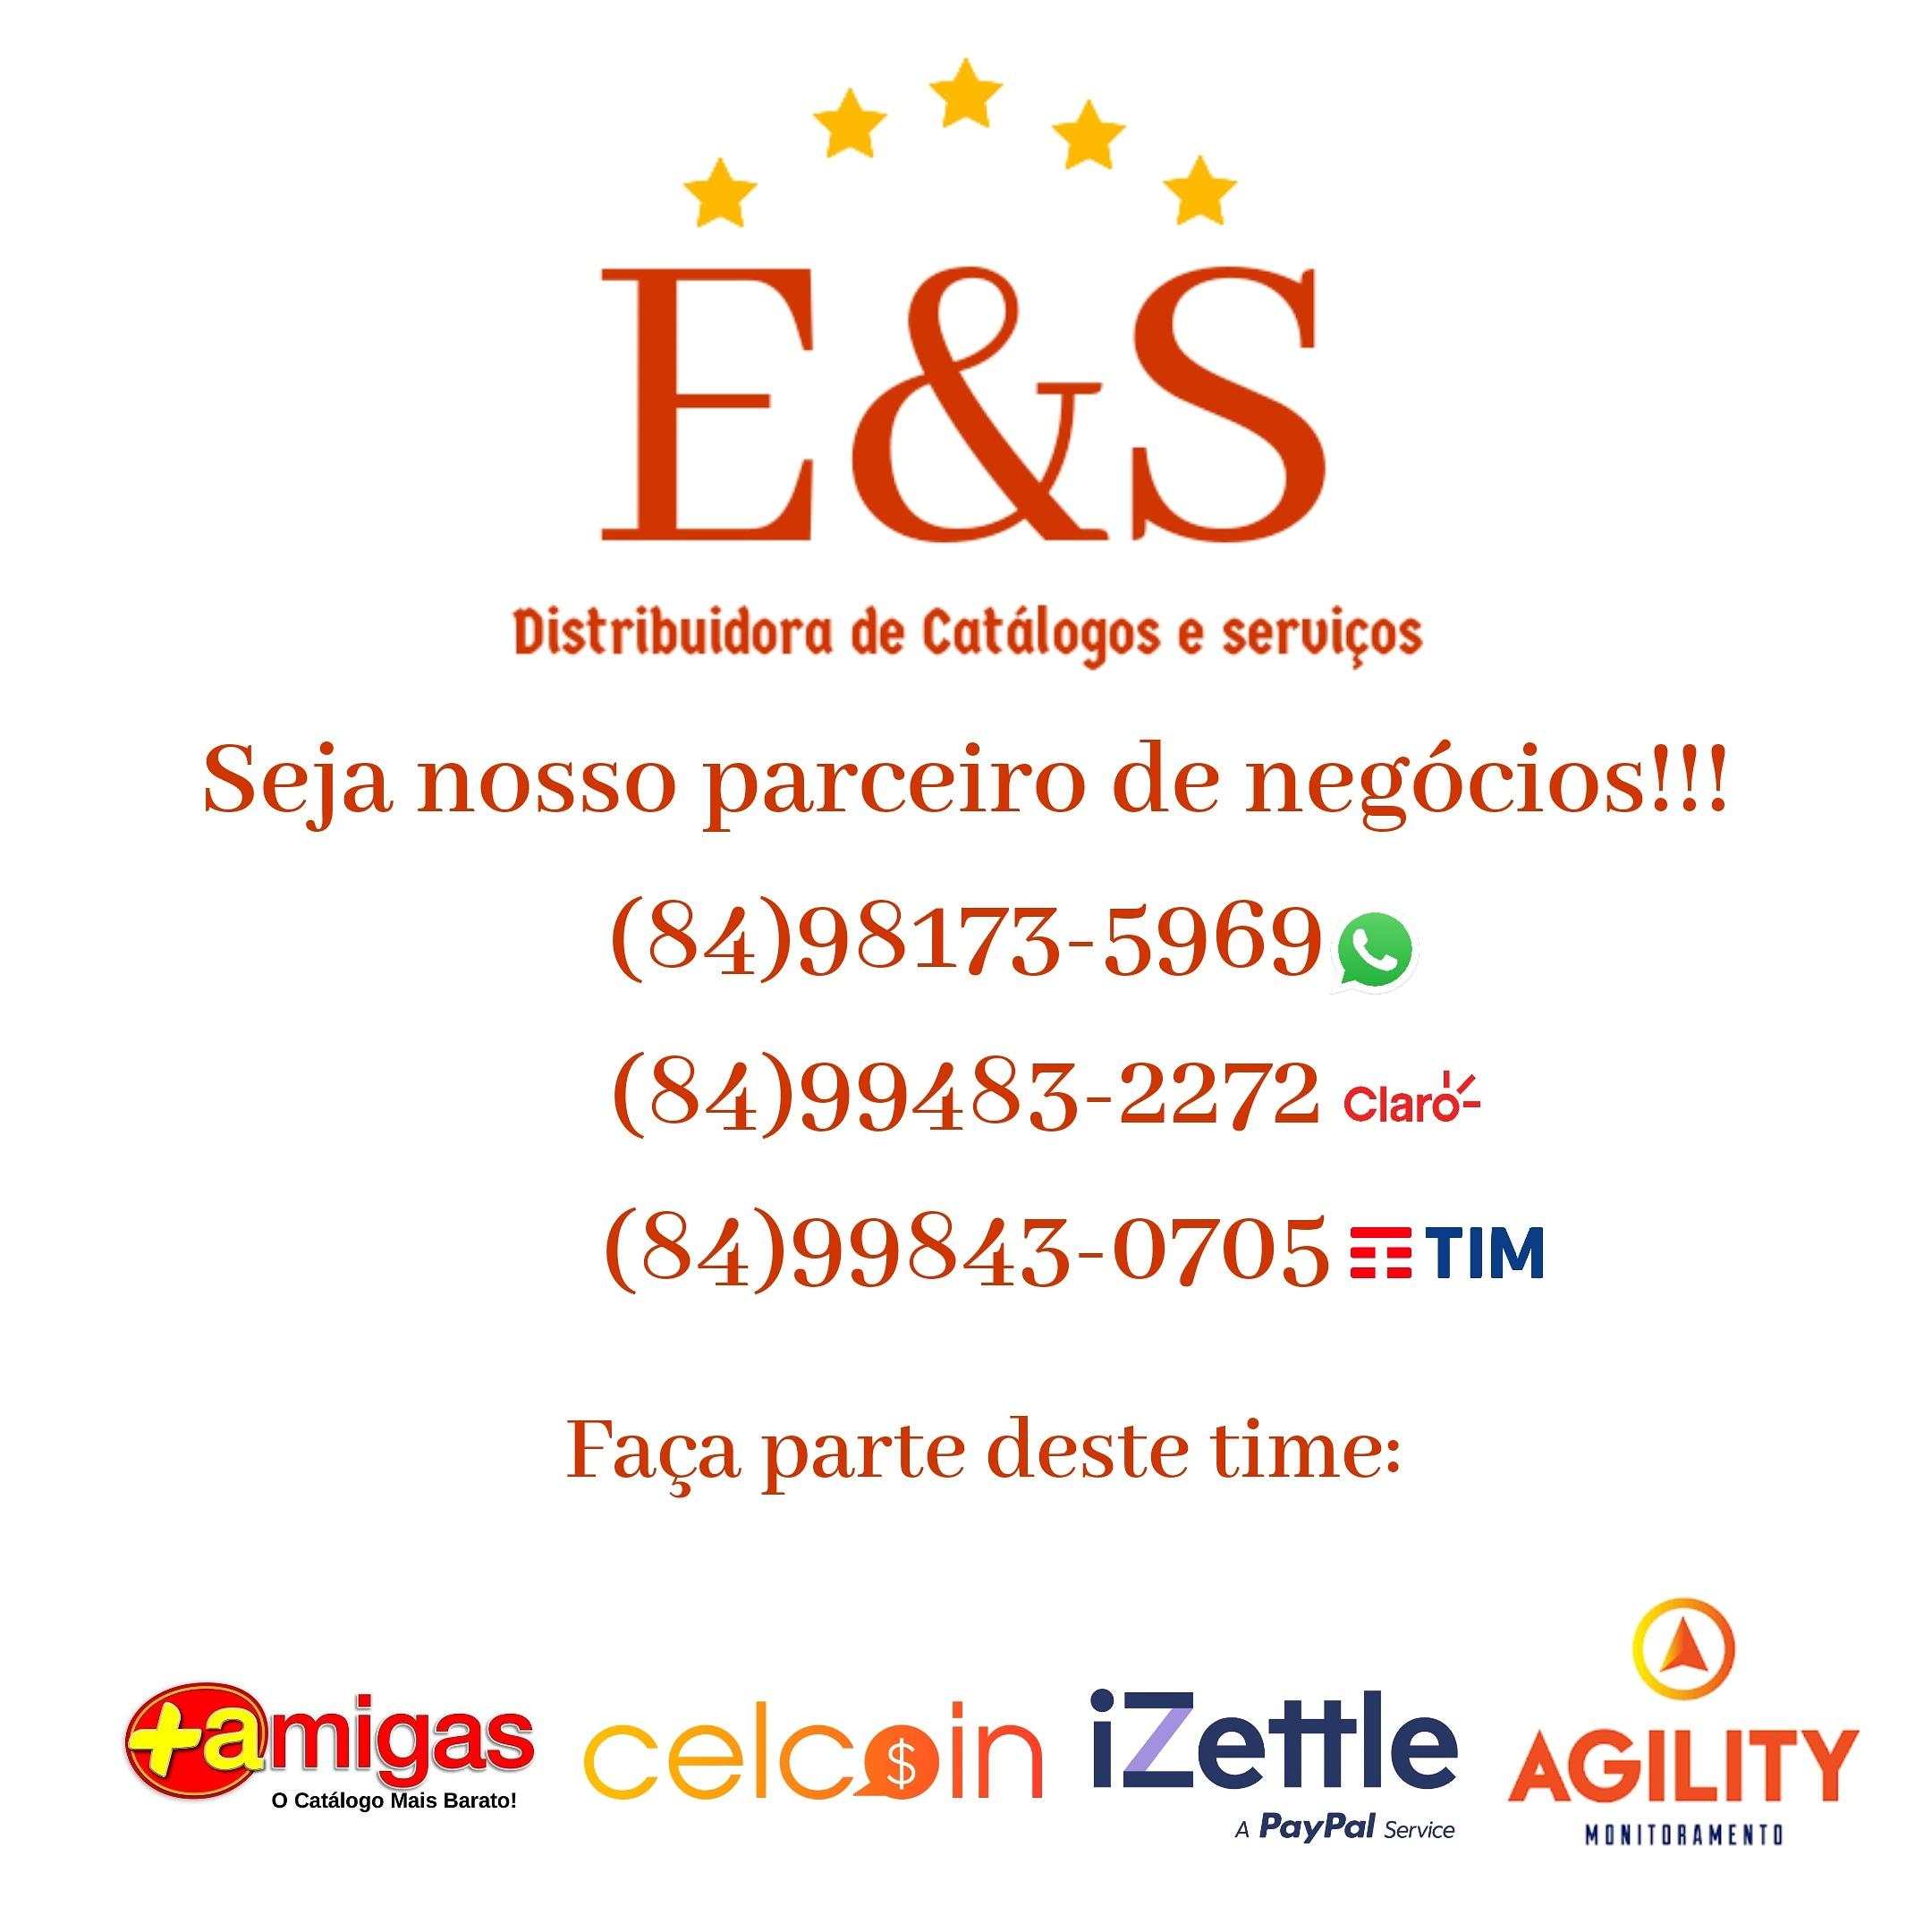 E&S DISTRIBUIDORA DE CATALOGOS